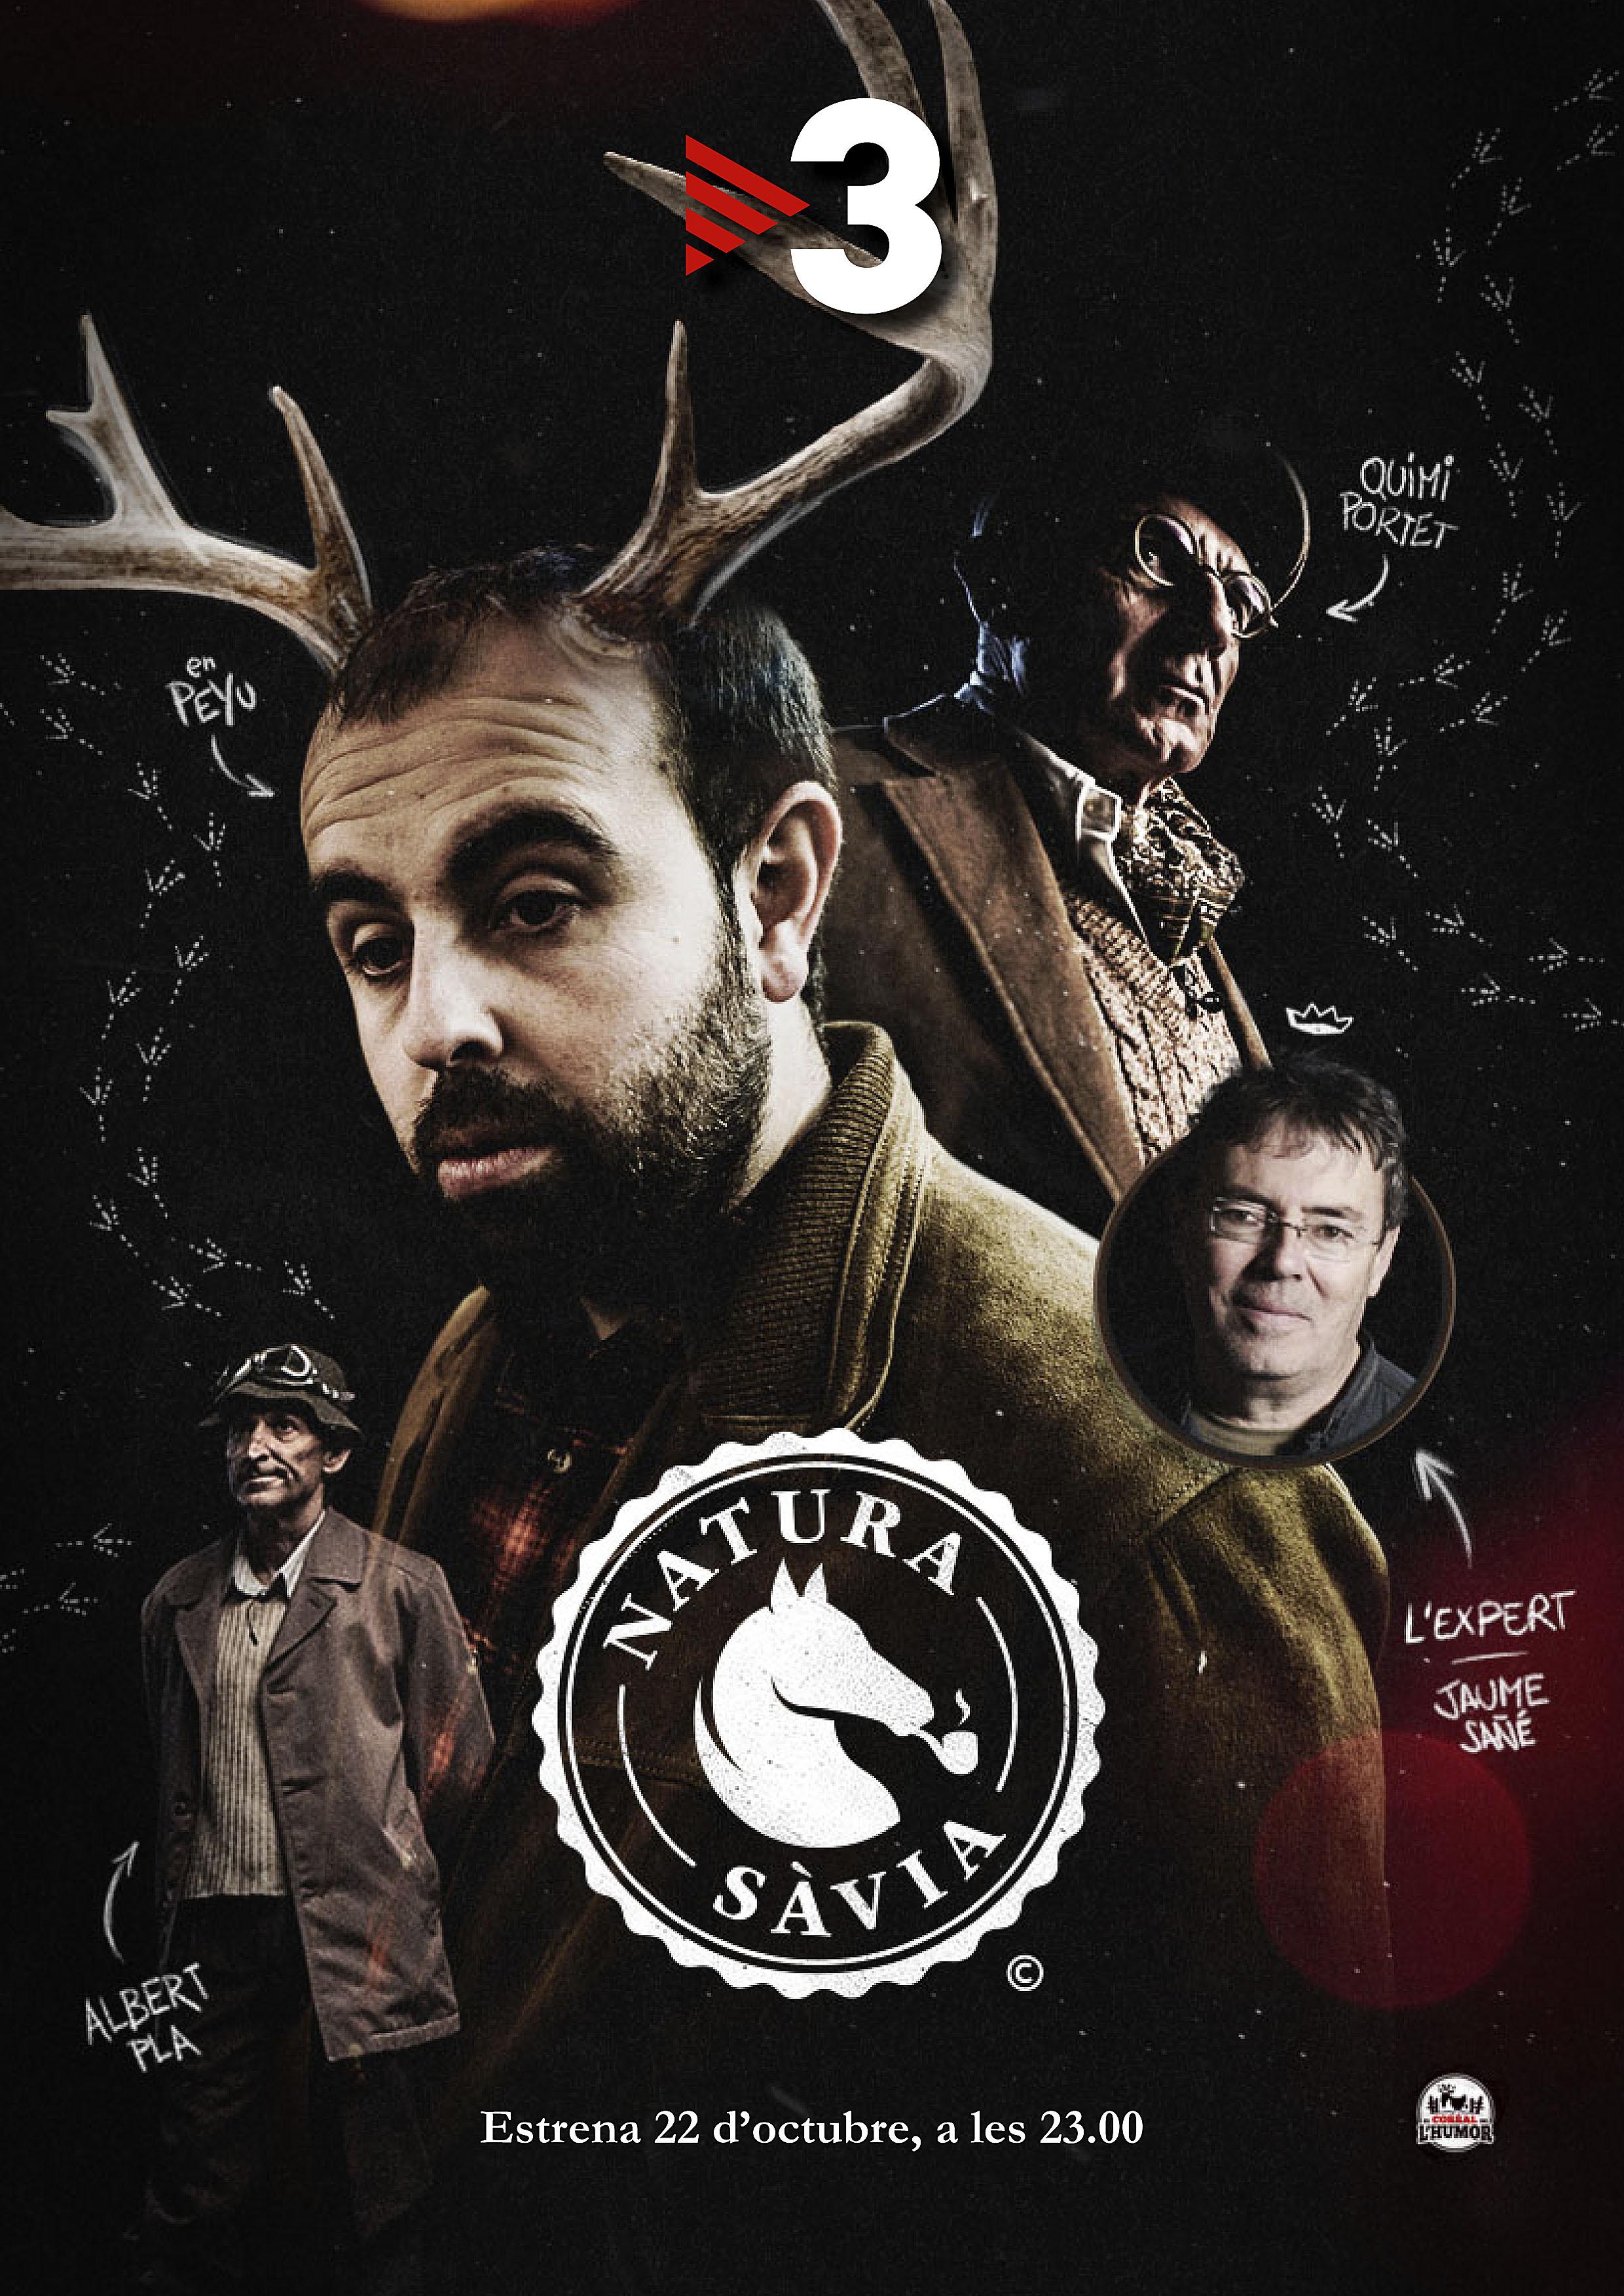 Caràtula promocional del programa, en què es detalla el paper de cada un dels quatre protagonistes